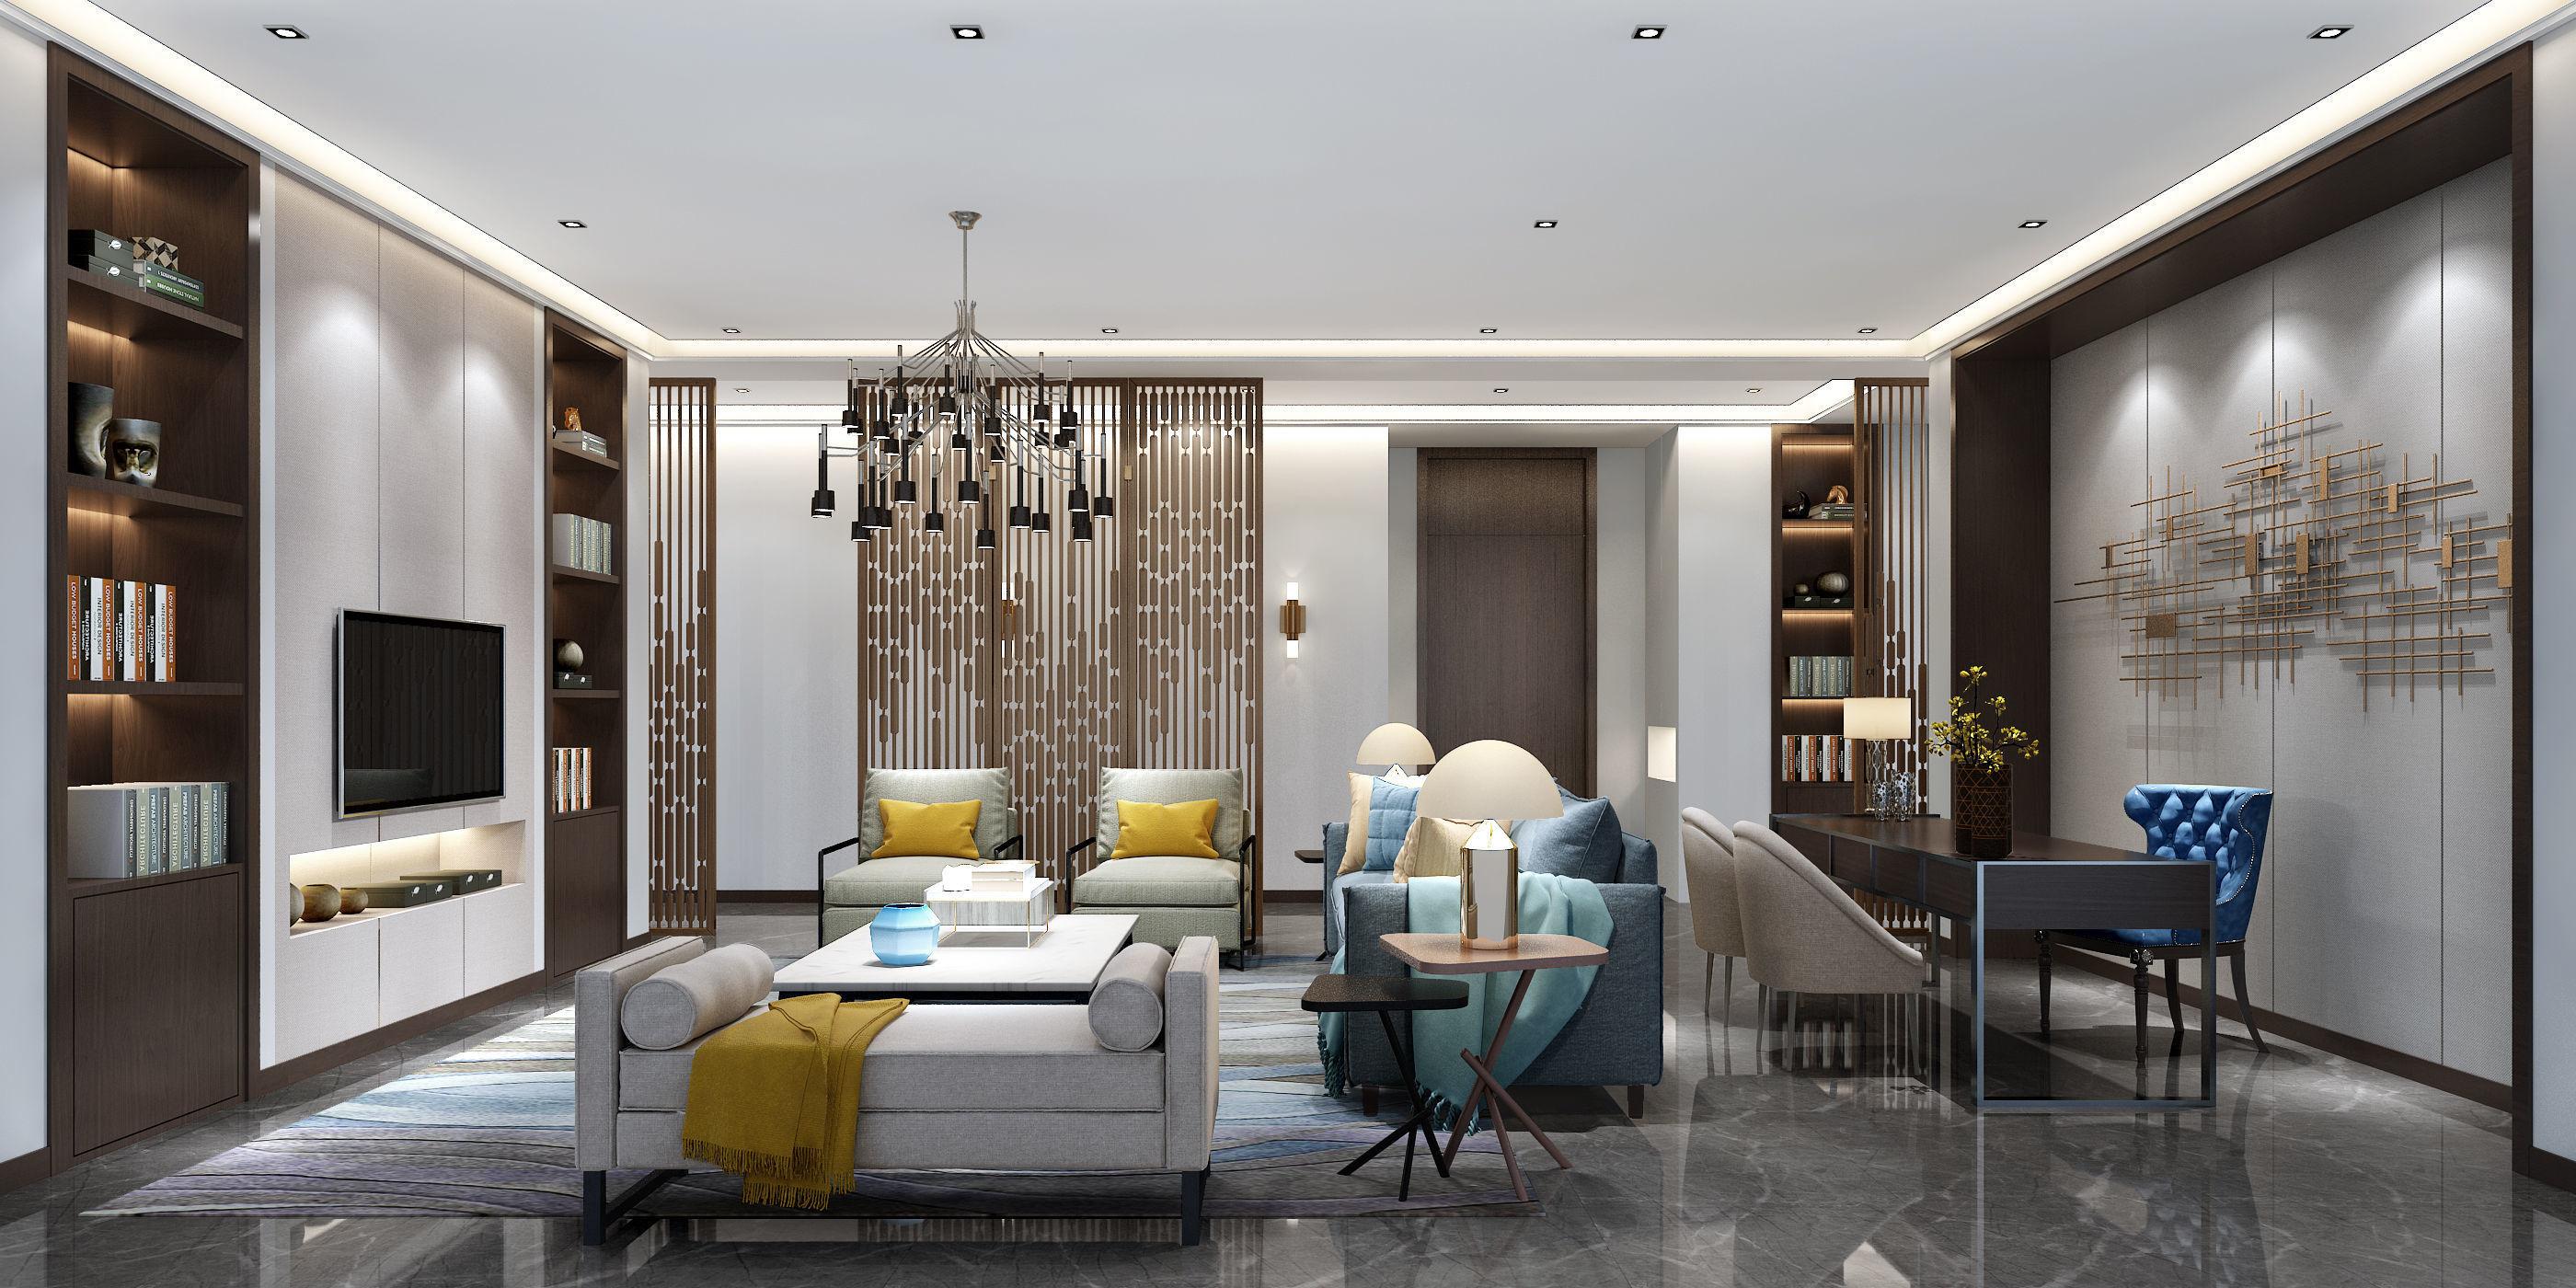 3D model of modern European style living room 3D model 3D model | 3D model